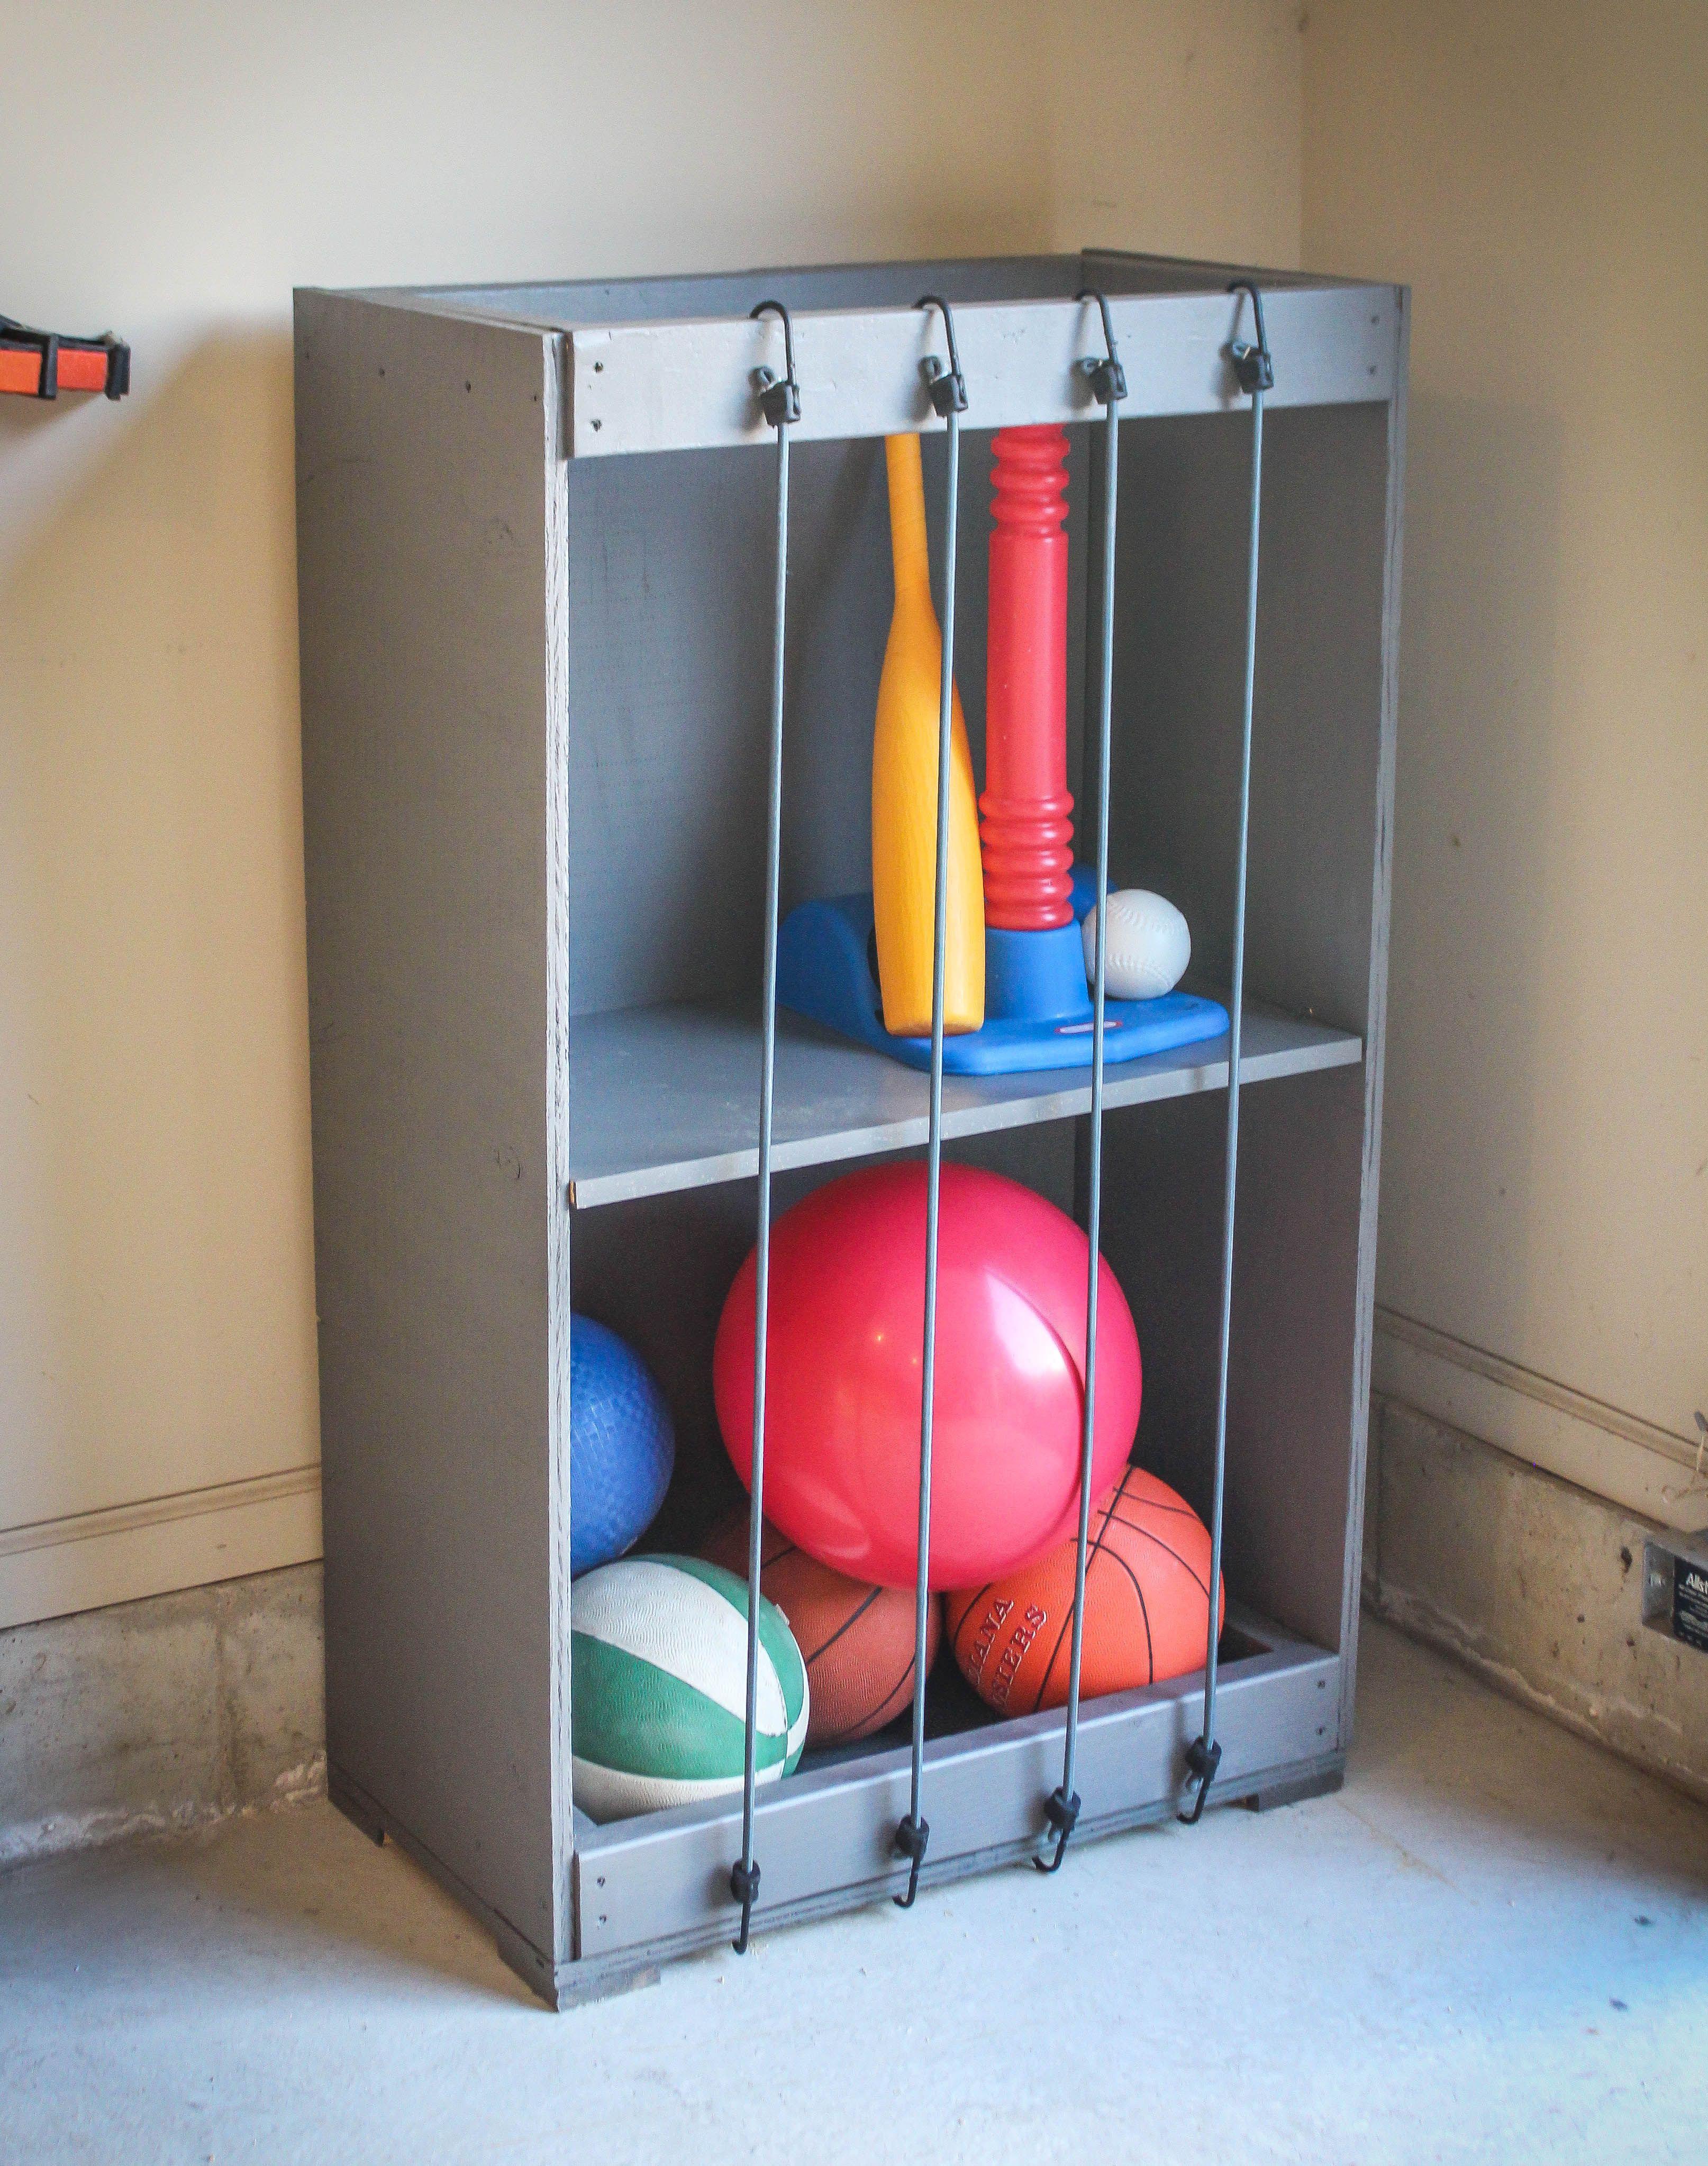 Bungee Ball Garage Storage Diy toy storage, Toy storage